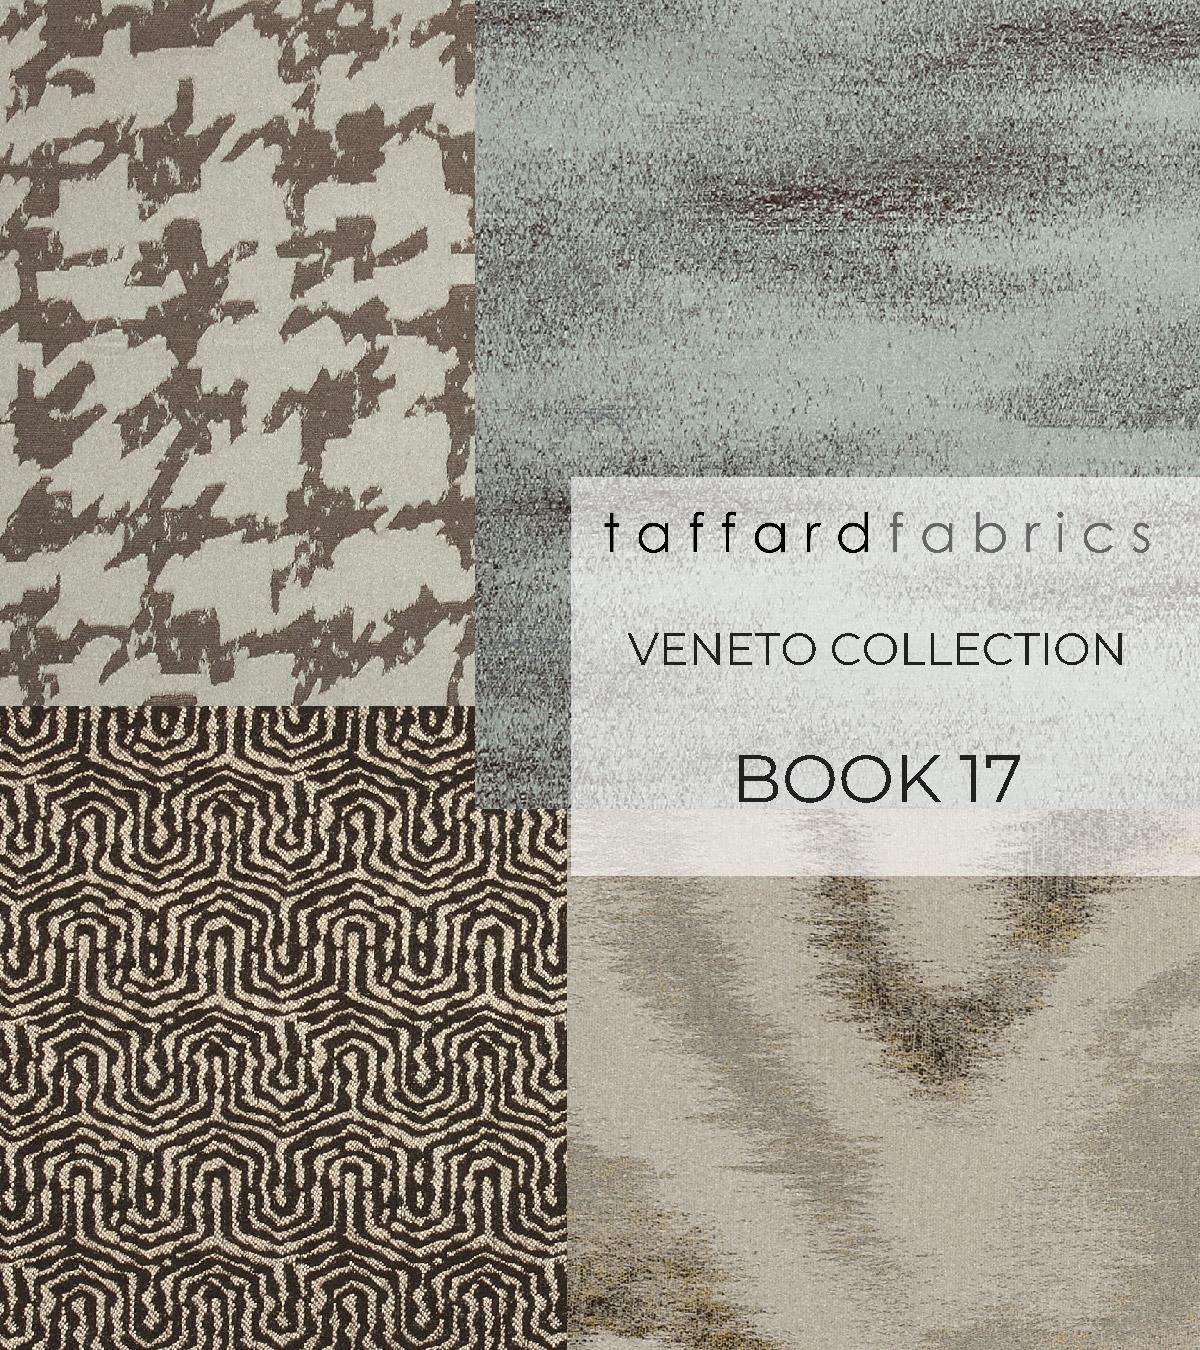 Veneto 17 Ebook-01.jpg